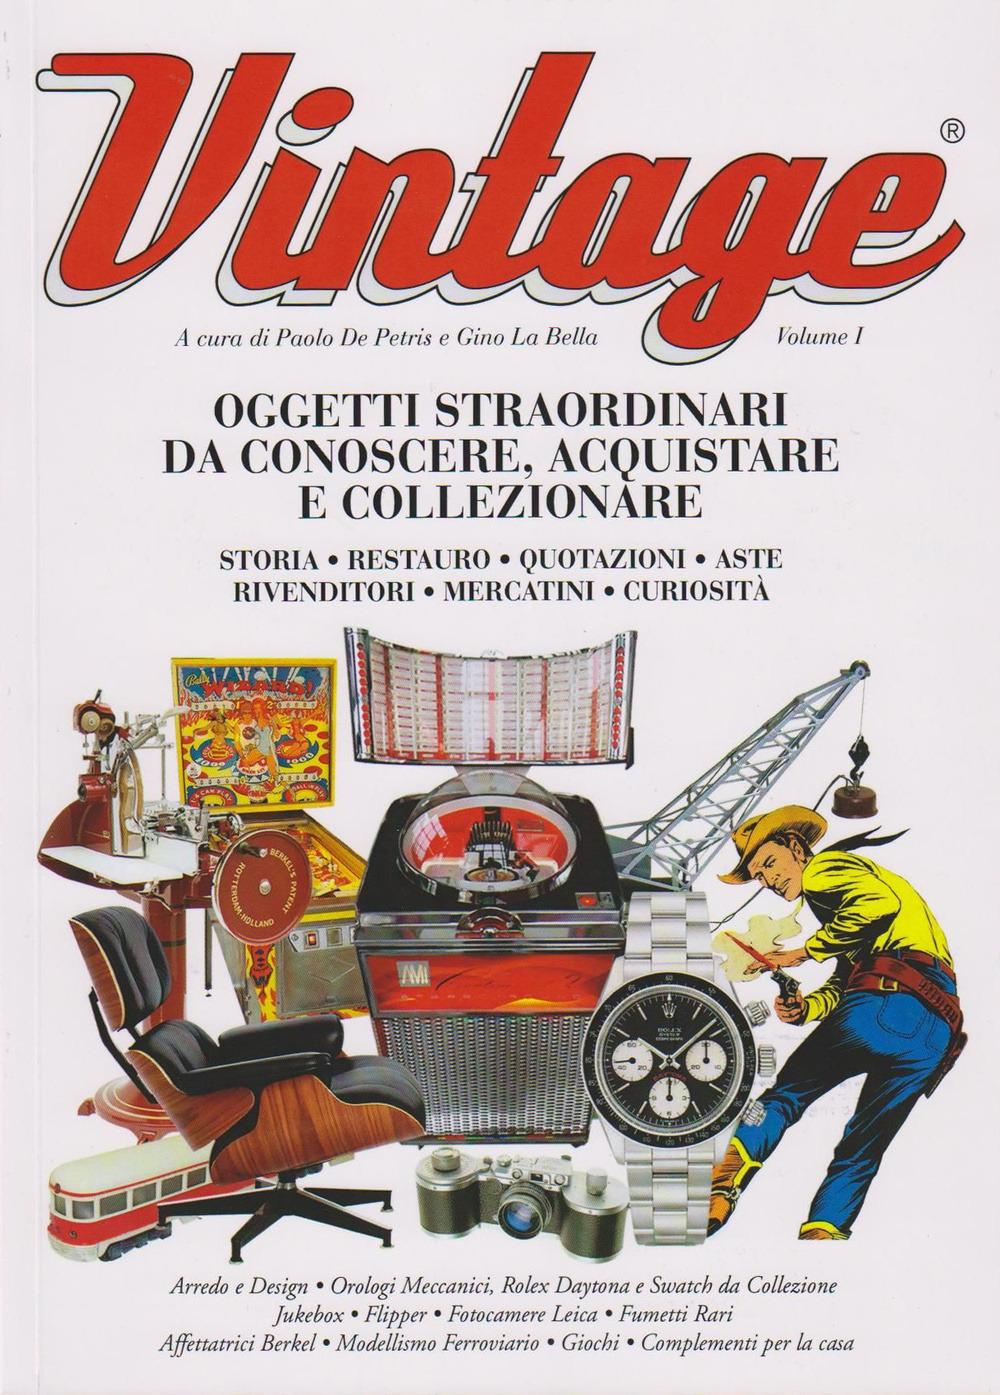 Image of Vintage. Vol. 1